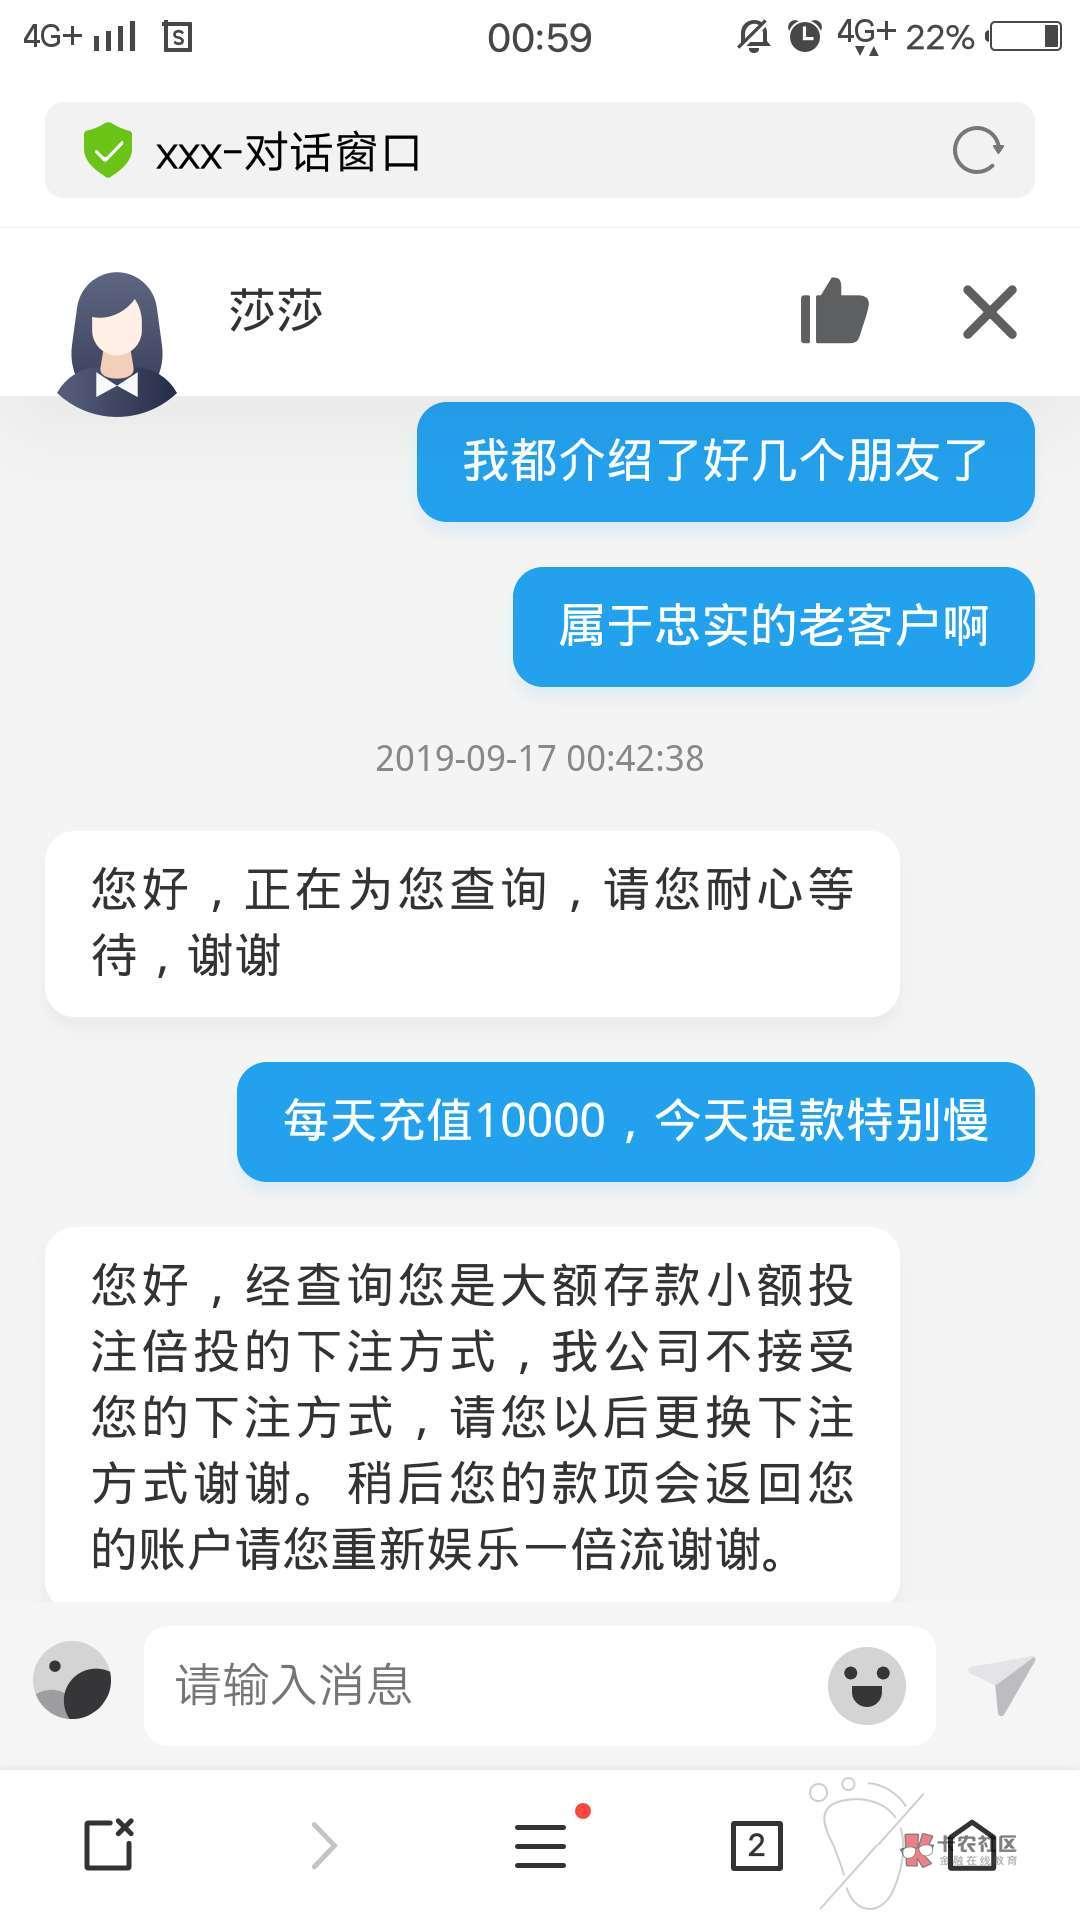 太阳城玩的老哥注意了,要开始黑钱了!!!!59 / 作者:普惠金融0528 /